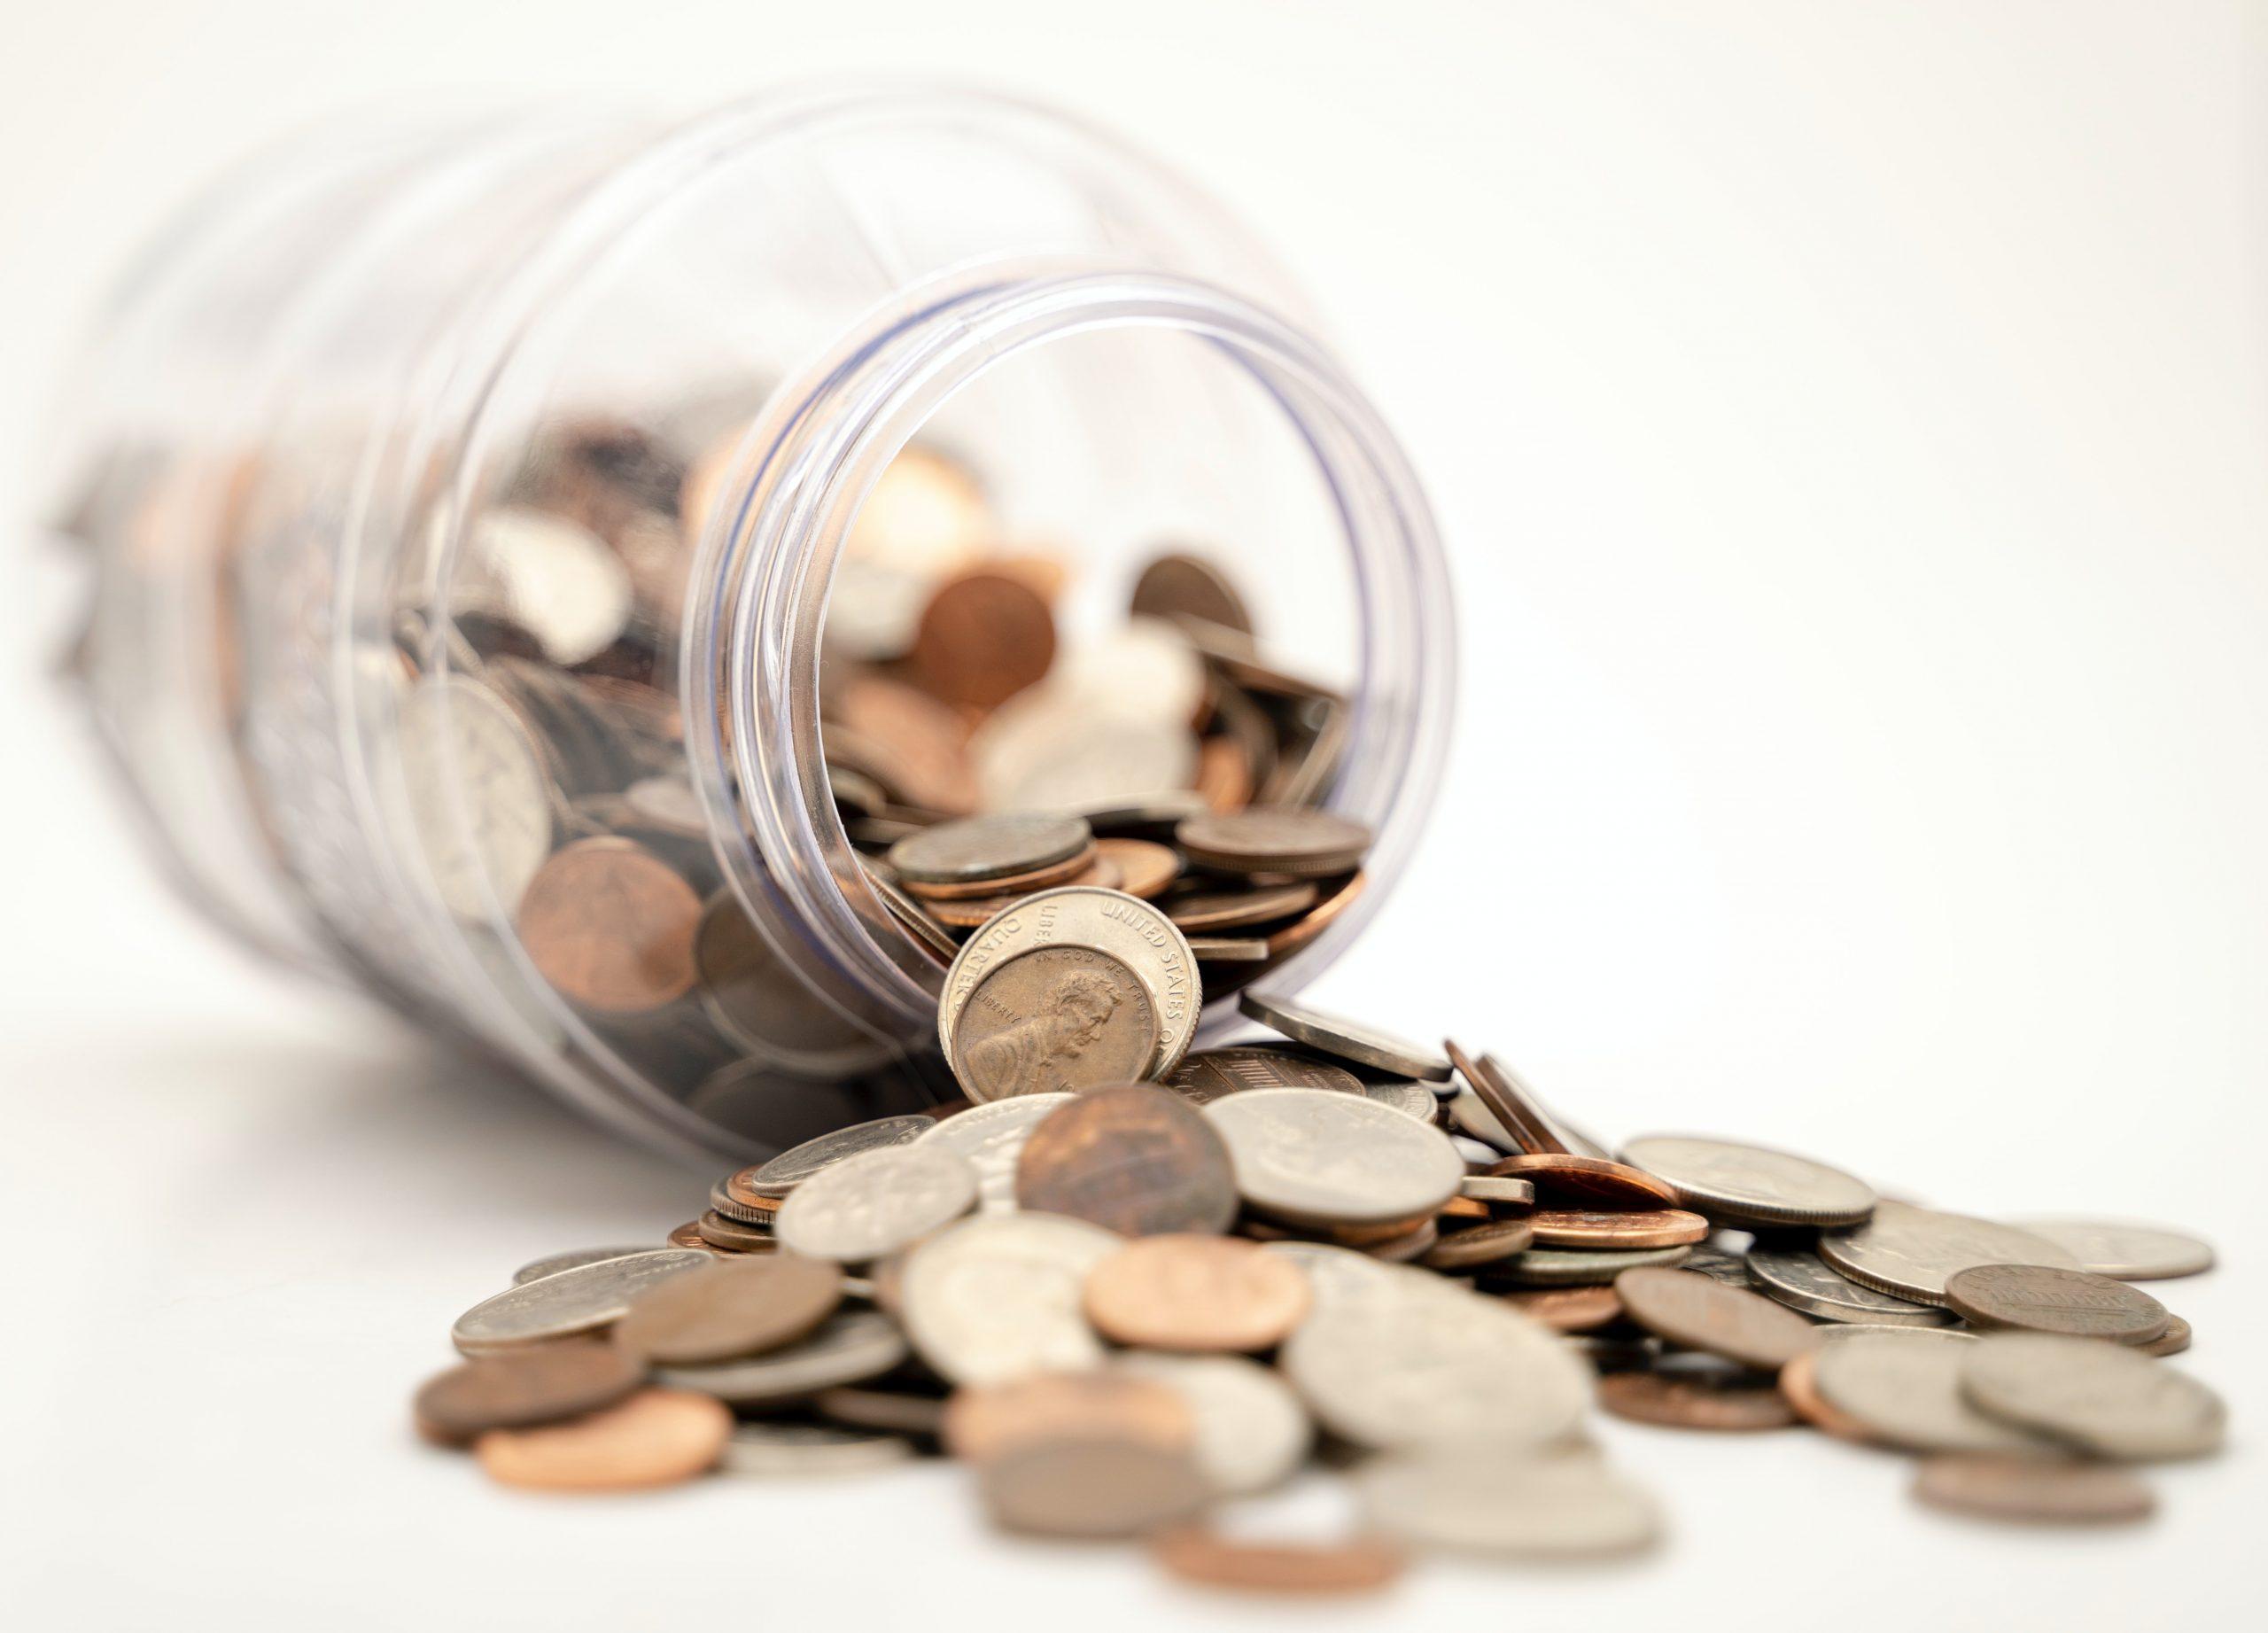 Einmalbeiträge – berechtigter Wachstumstreiber im Lebensversicherungsgeschäft?